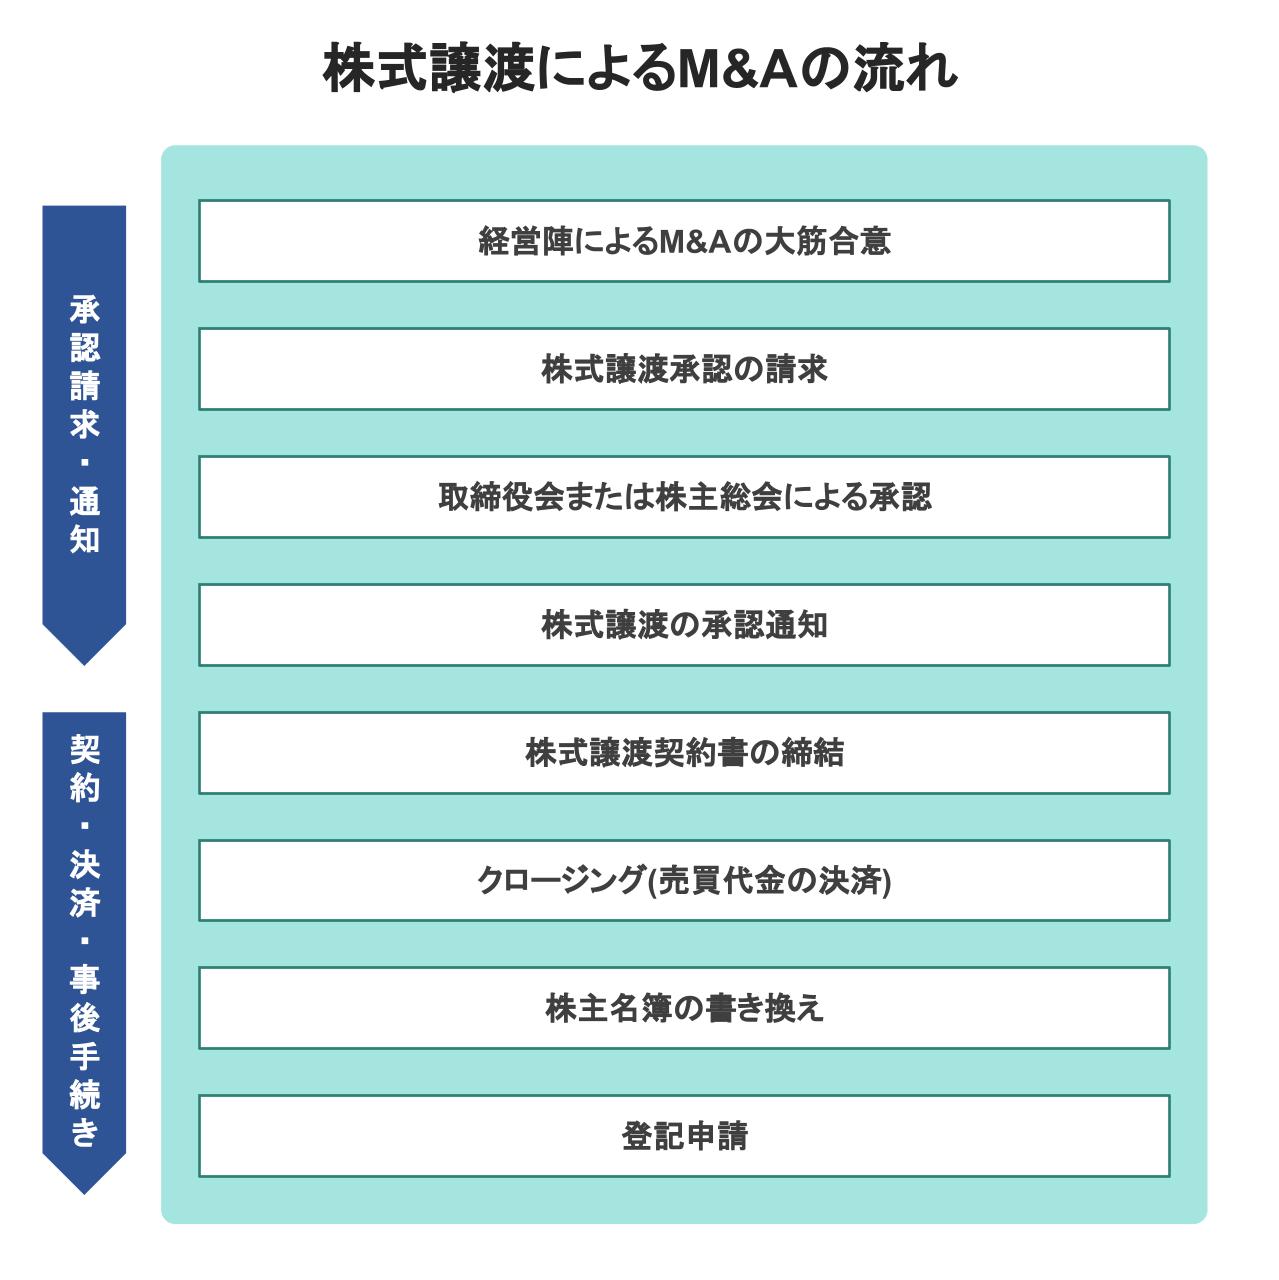 M&A 株式譲渡手続き